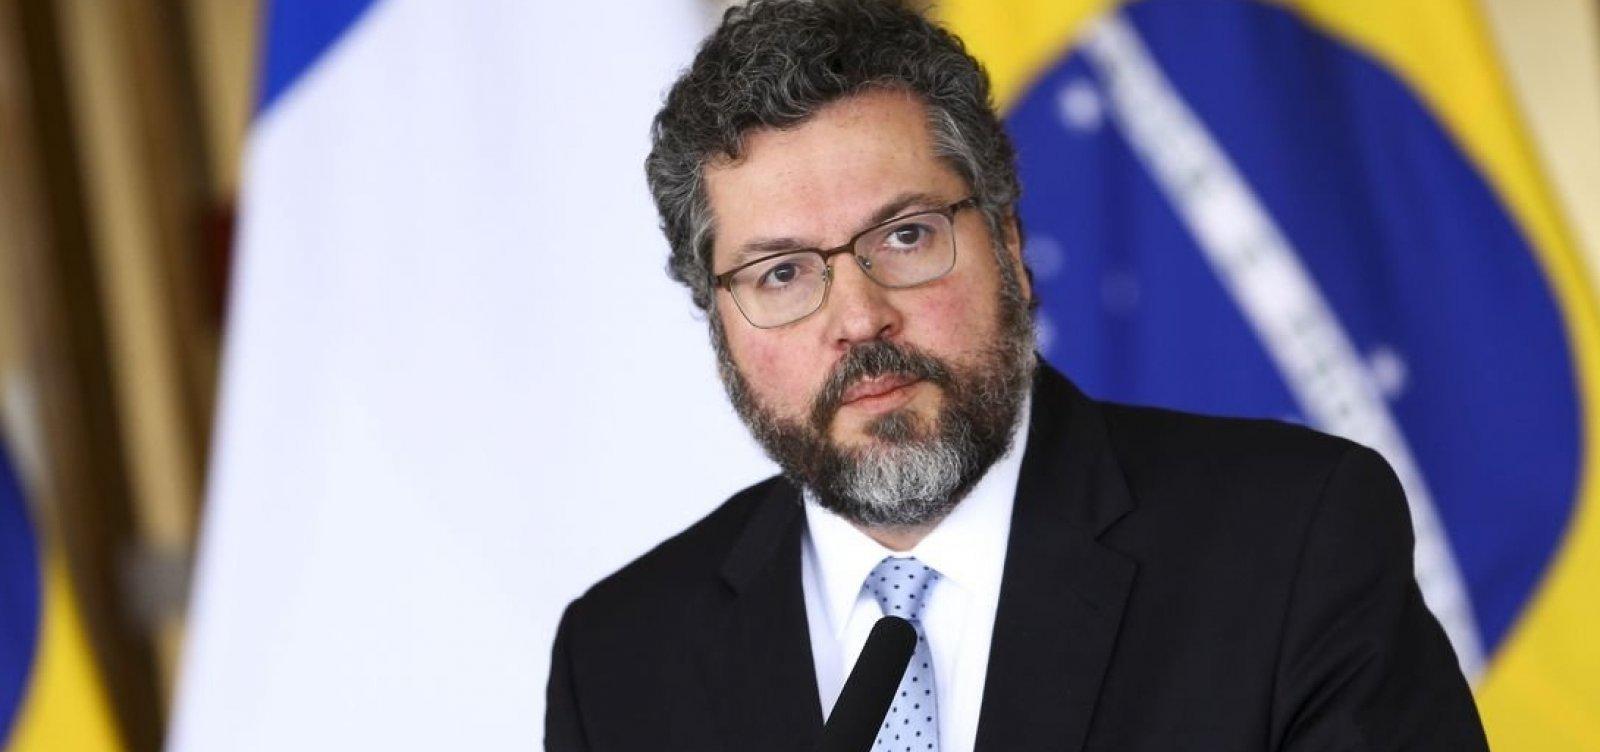 Ministro Ernesto Araújo não consegue negociar empréstimo de aviões americanos